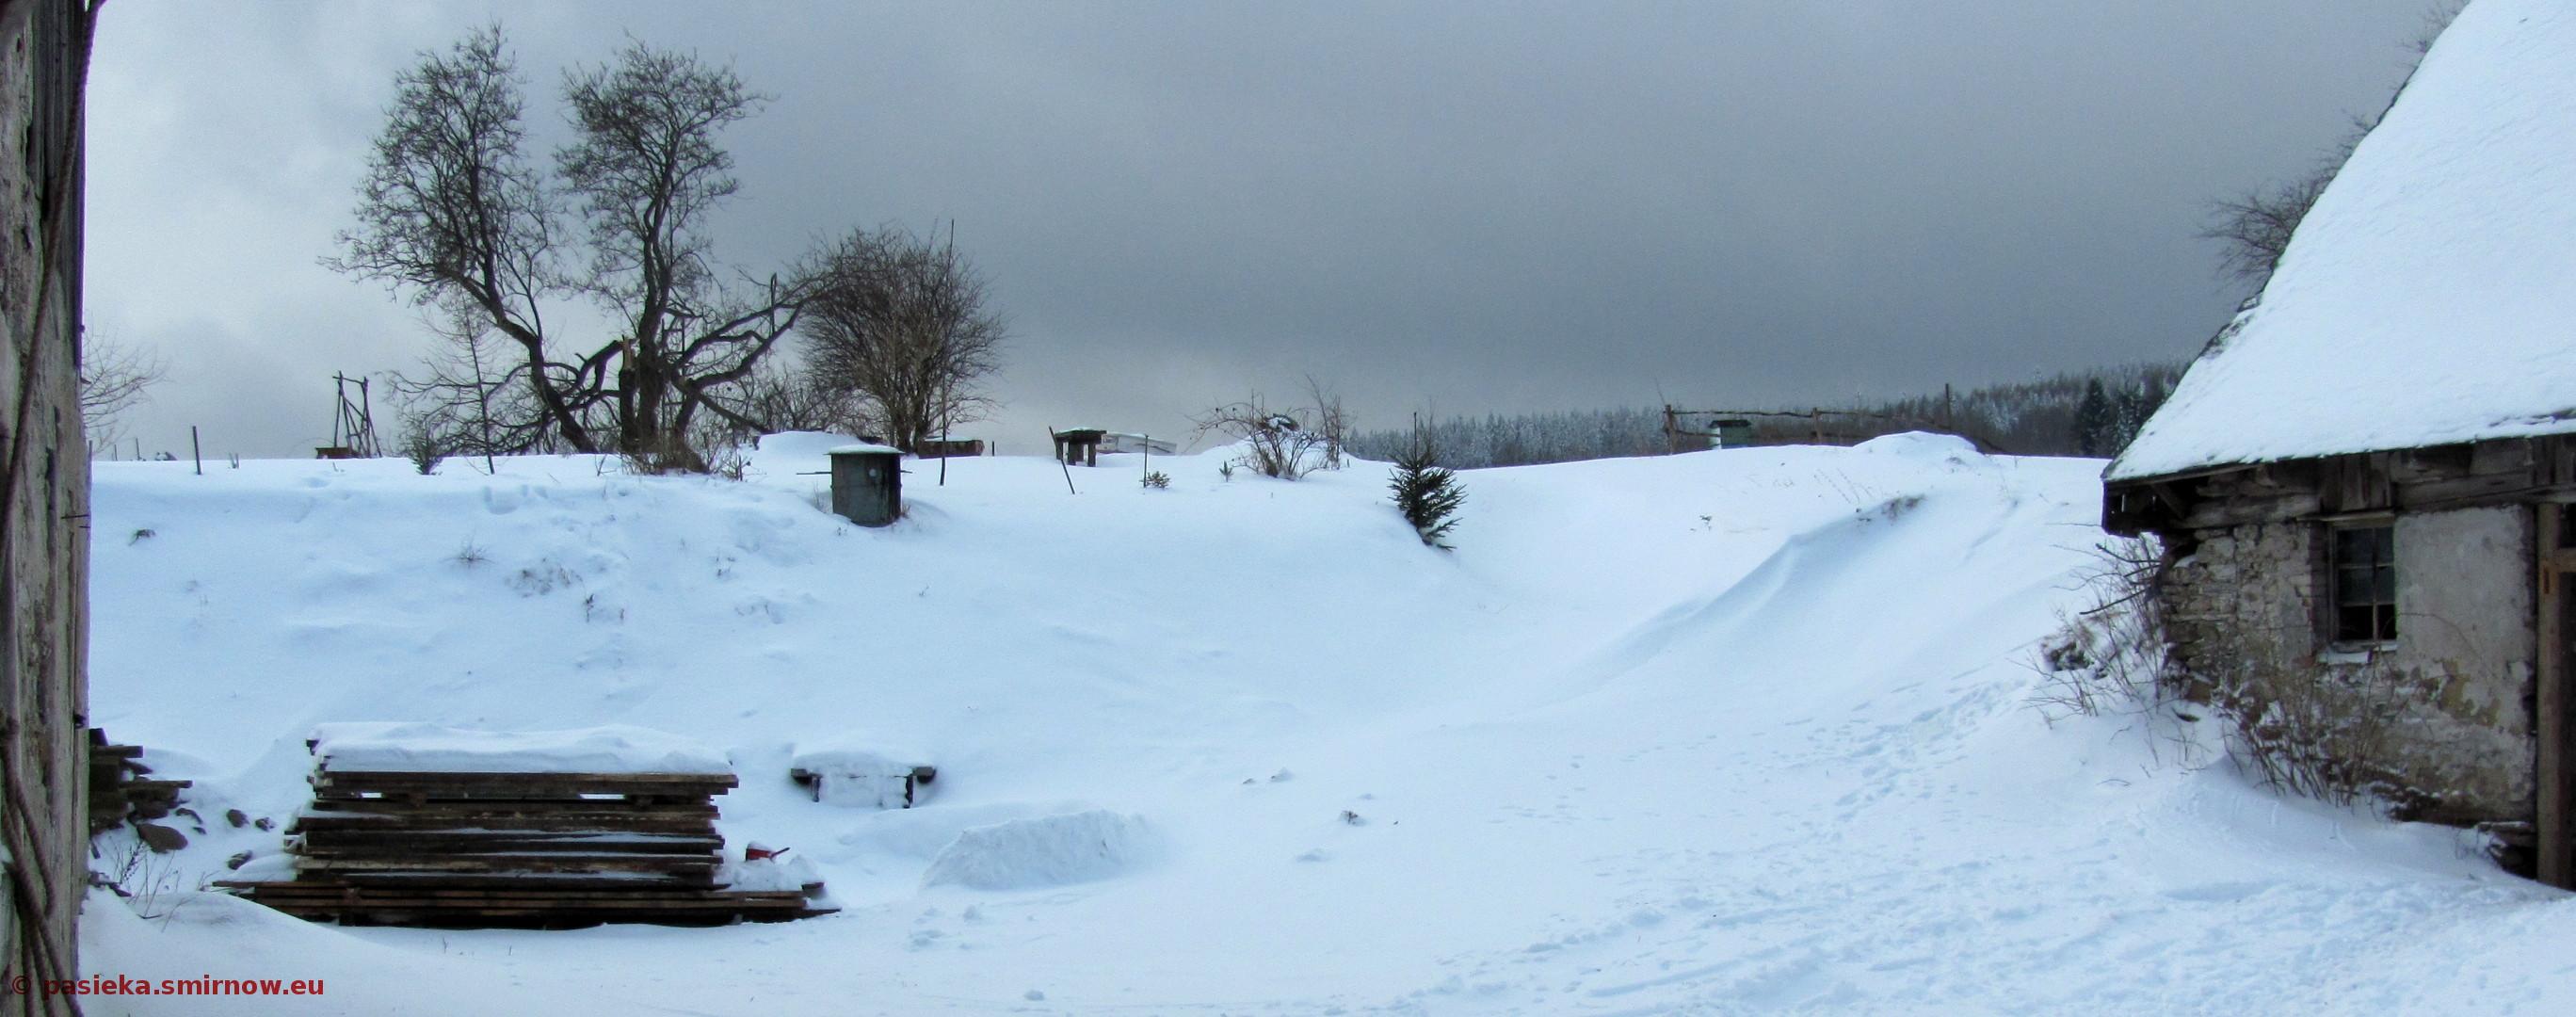 Zawiało śniegiem fest